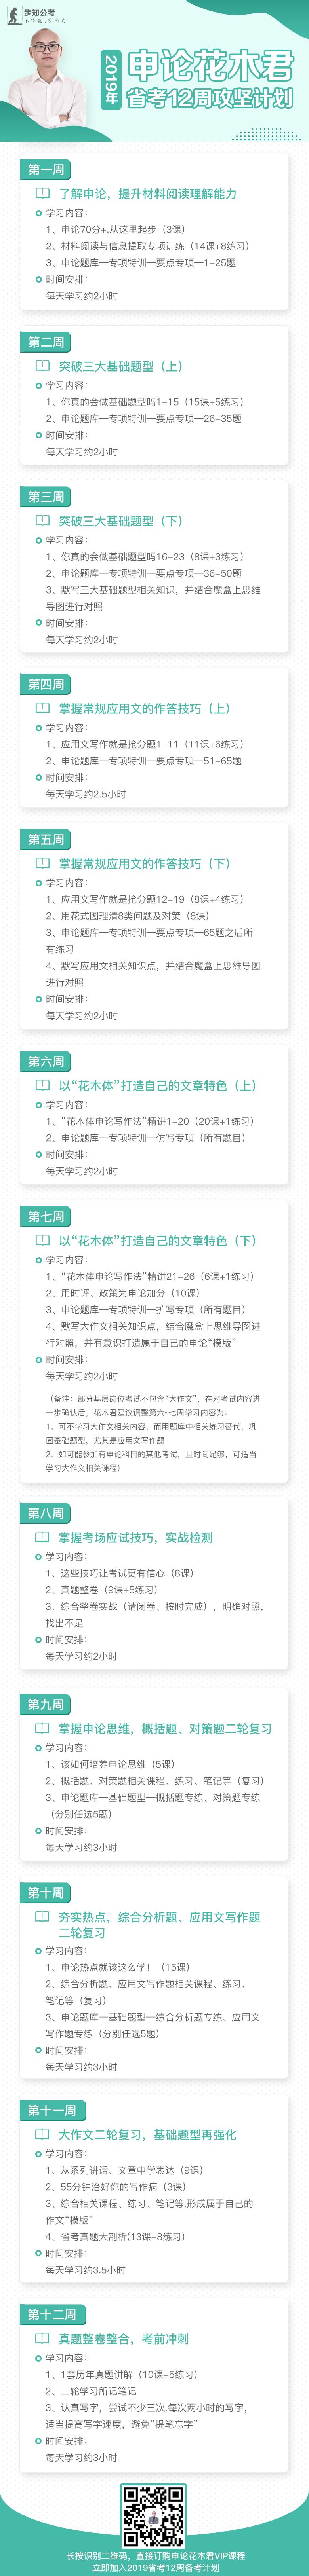 申论省考12周备考计划.png